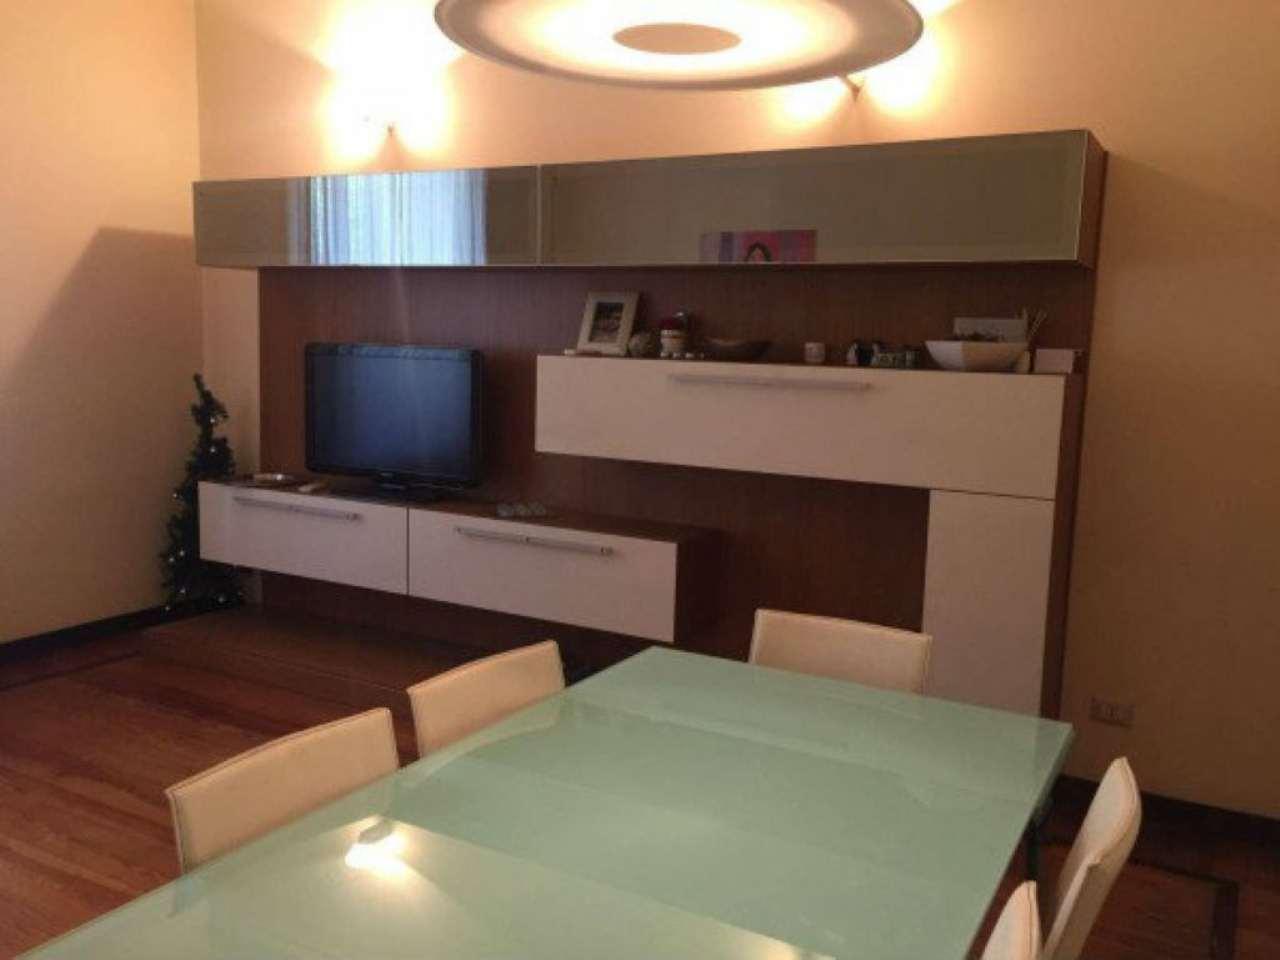 Appartamento in affitto a Milano, 3 locali, zona Zona: 1 . Centro Storico, Duomo, Brera, Cadorna, Cattolica, prezzo € 1.850   Cambio Casa.it